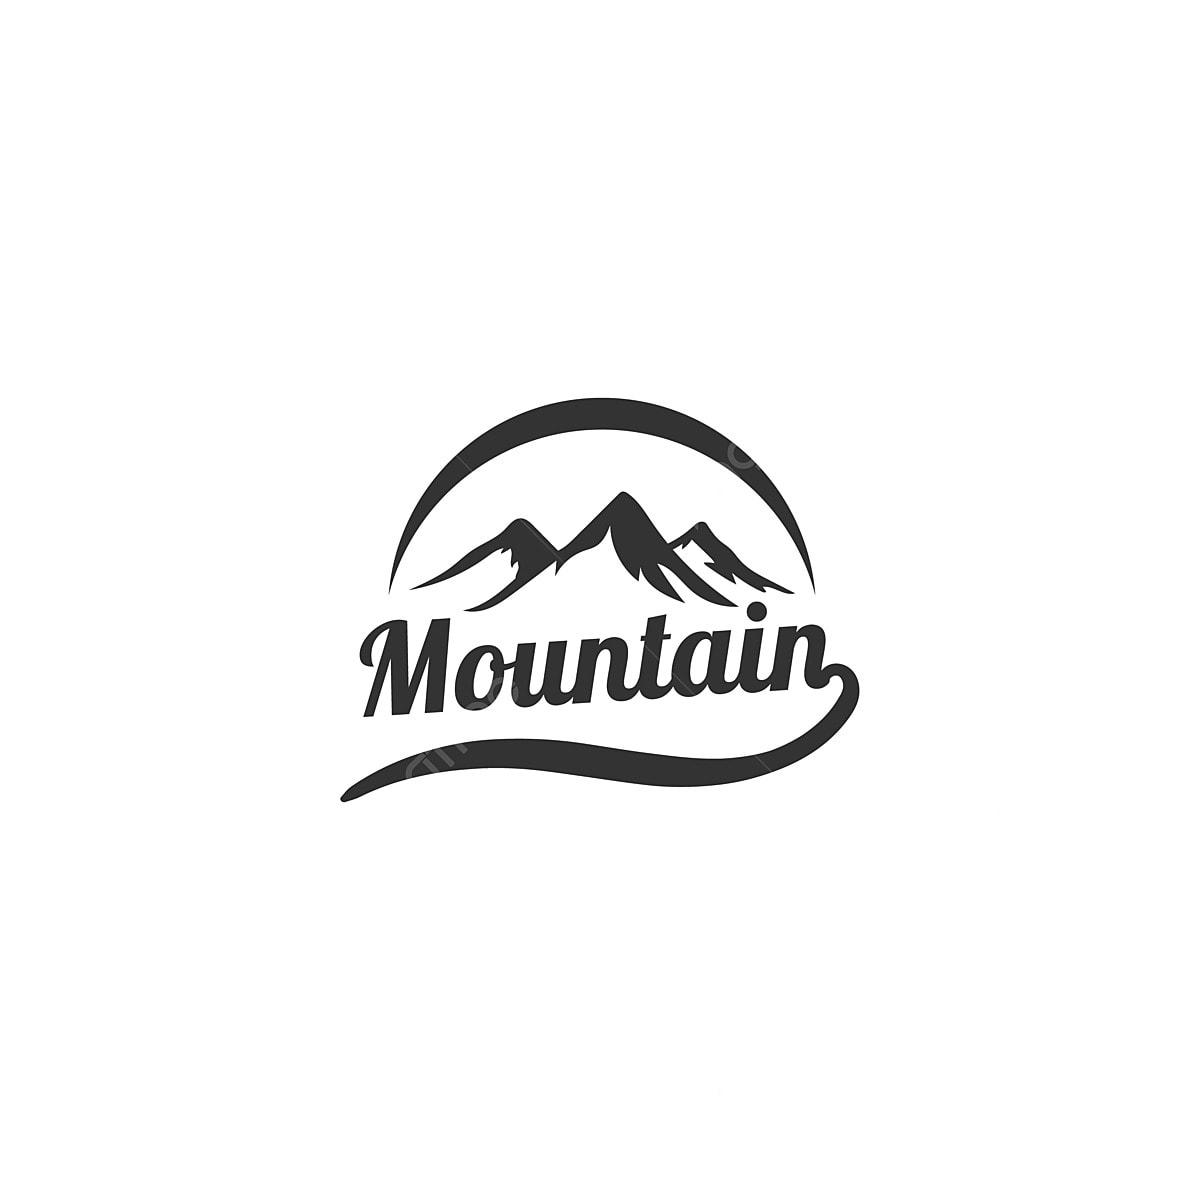 Mountain Logo Designs With Sun Symbol, Adventure, Badge, Mountain